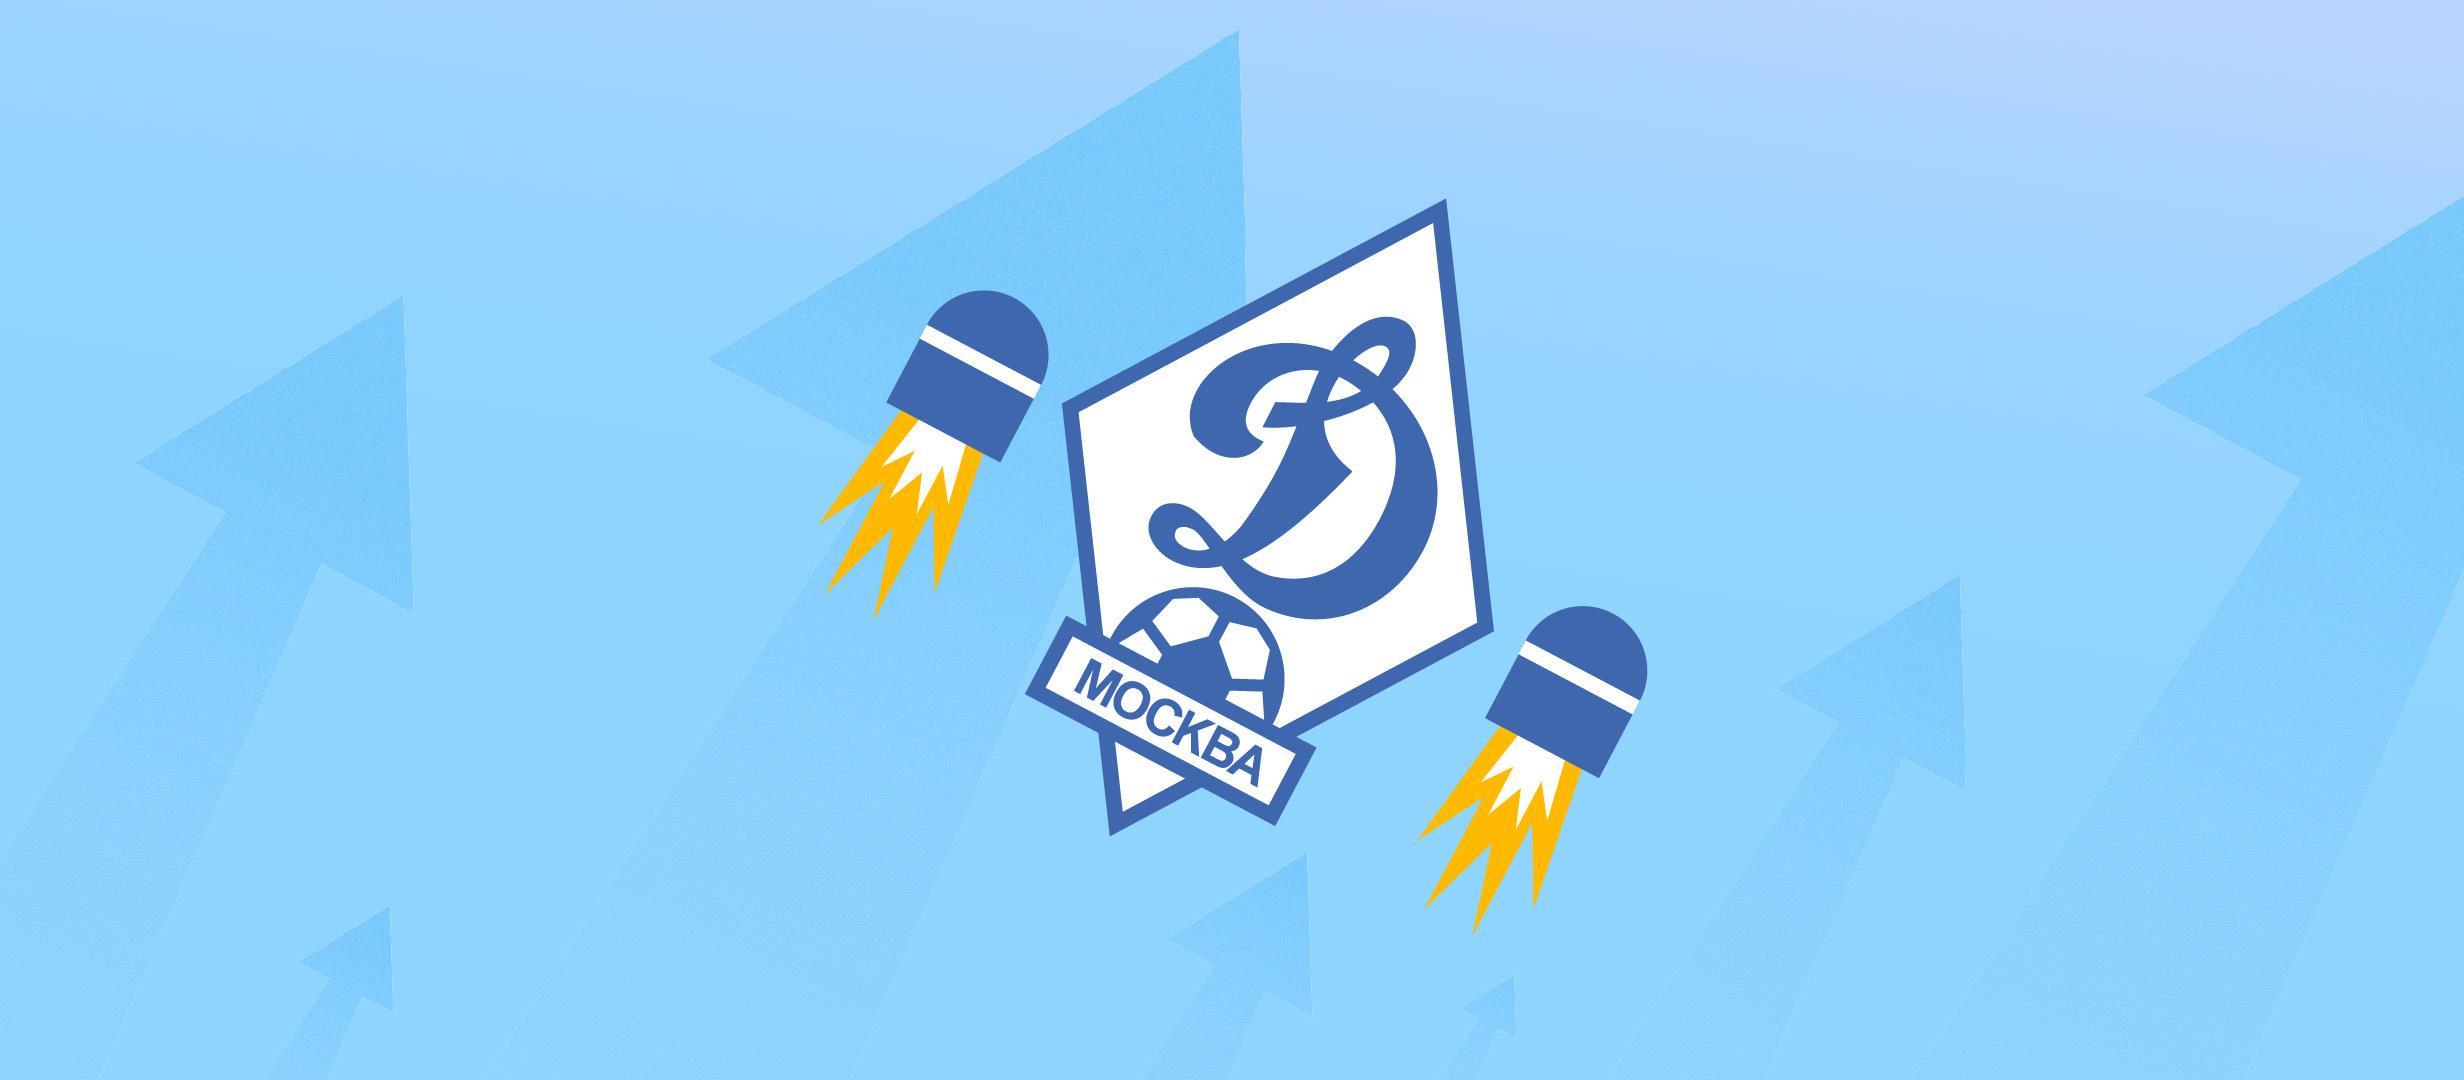 Ставки на «Динамо» плюсовые и в прошлом сезоне, и в этом. Но кэфы пока высокие